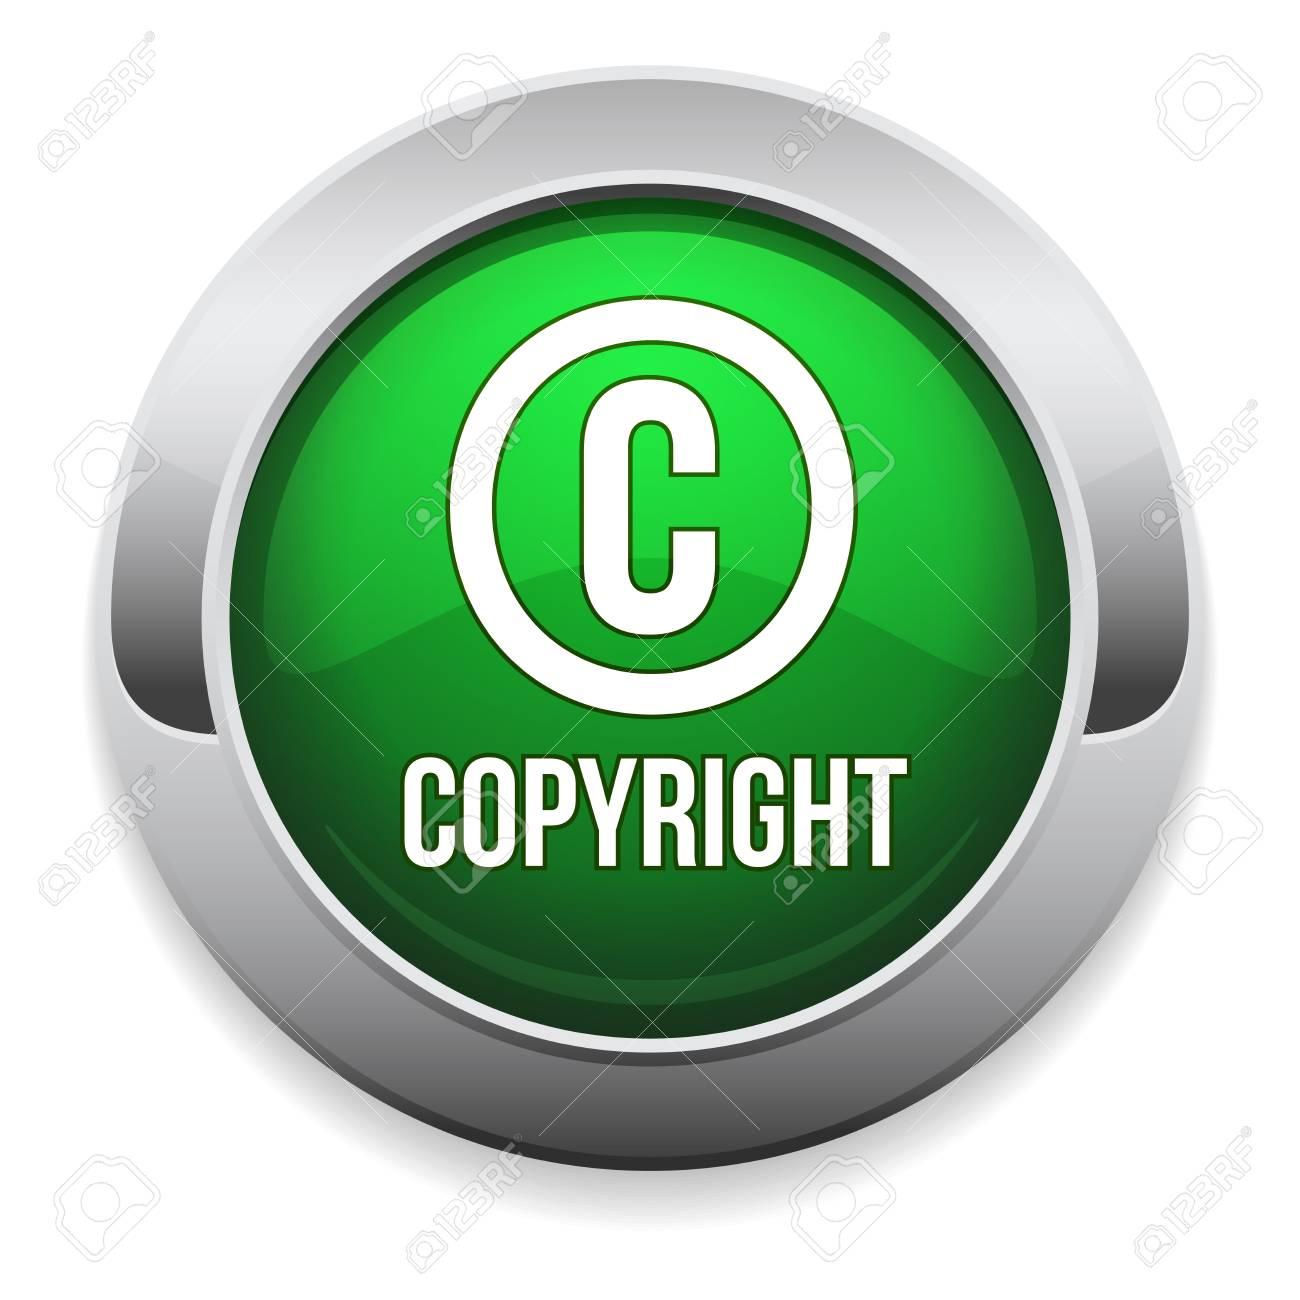 Green round copyright button with metallic border Stock Vector - 25779651